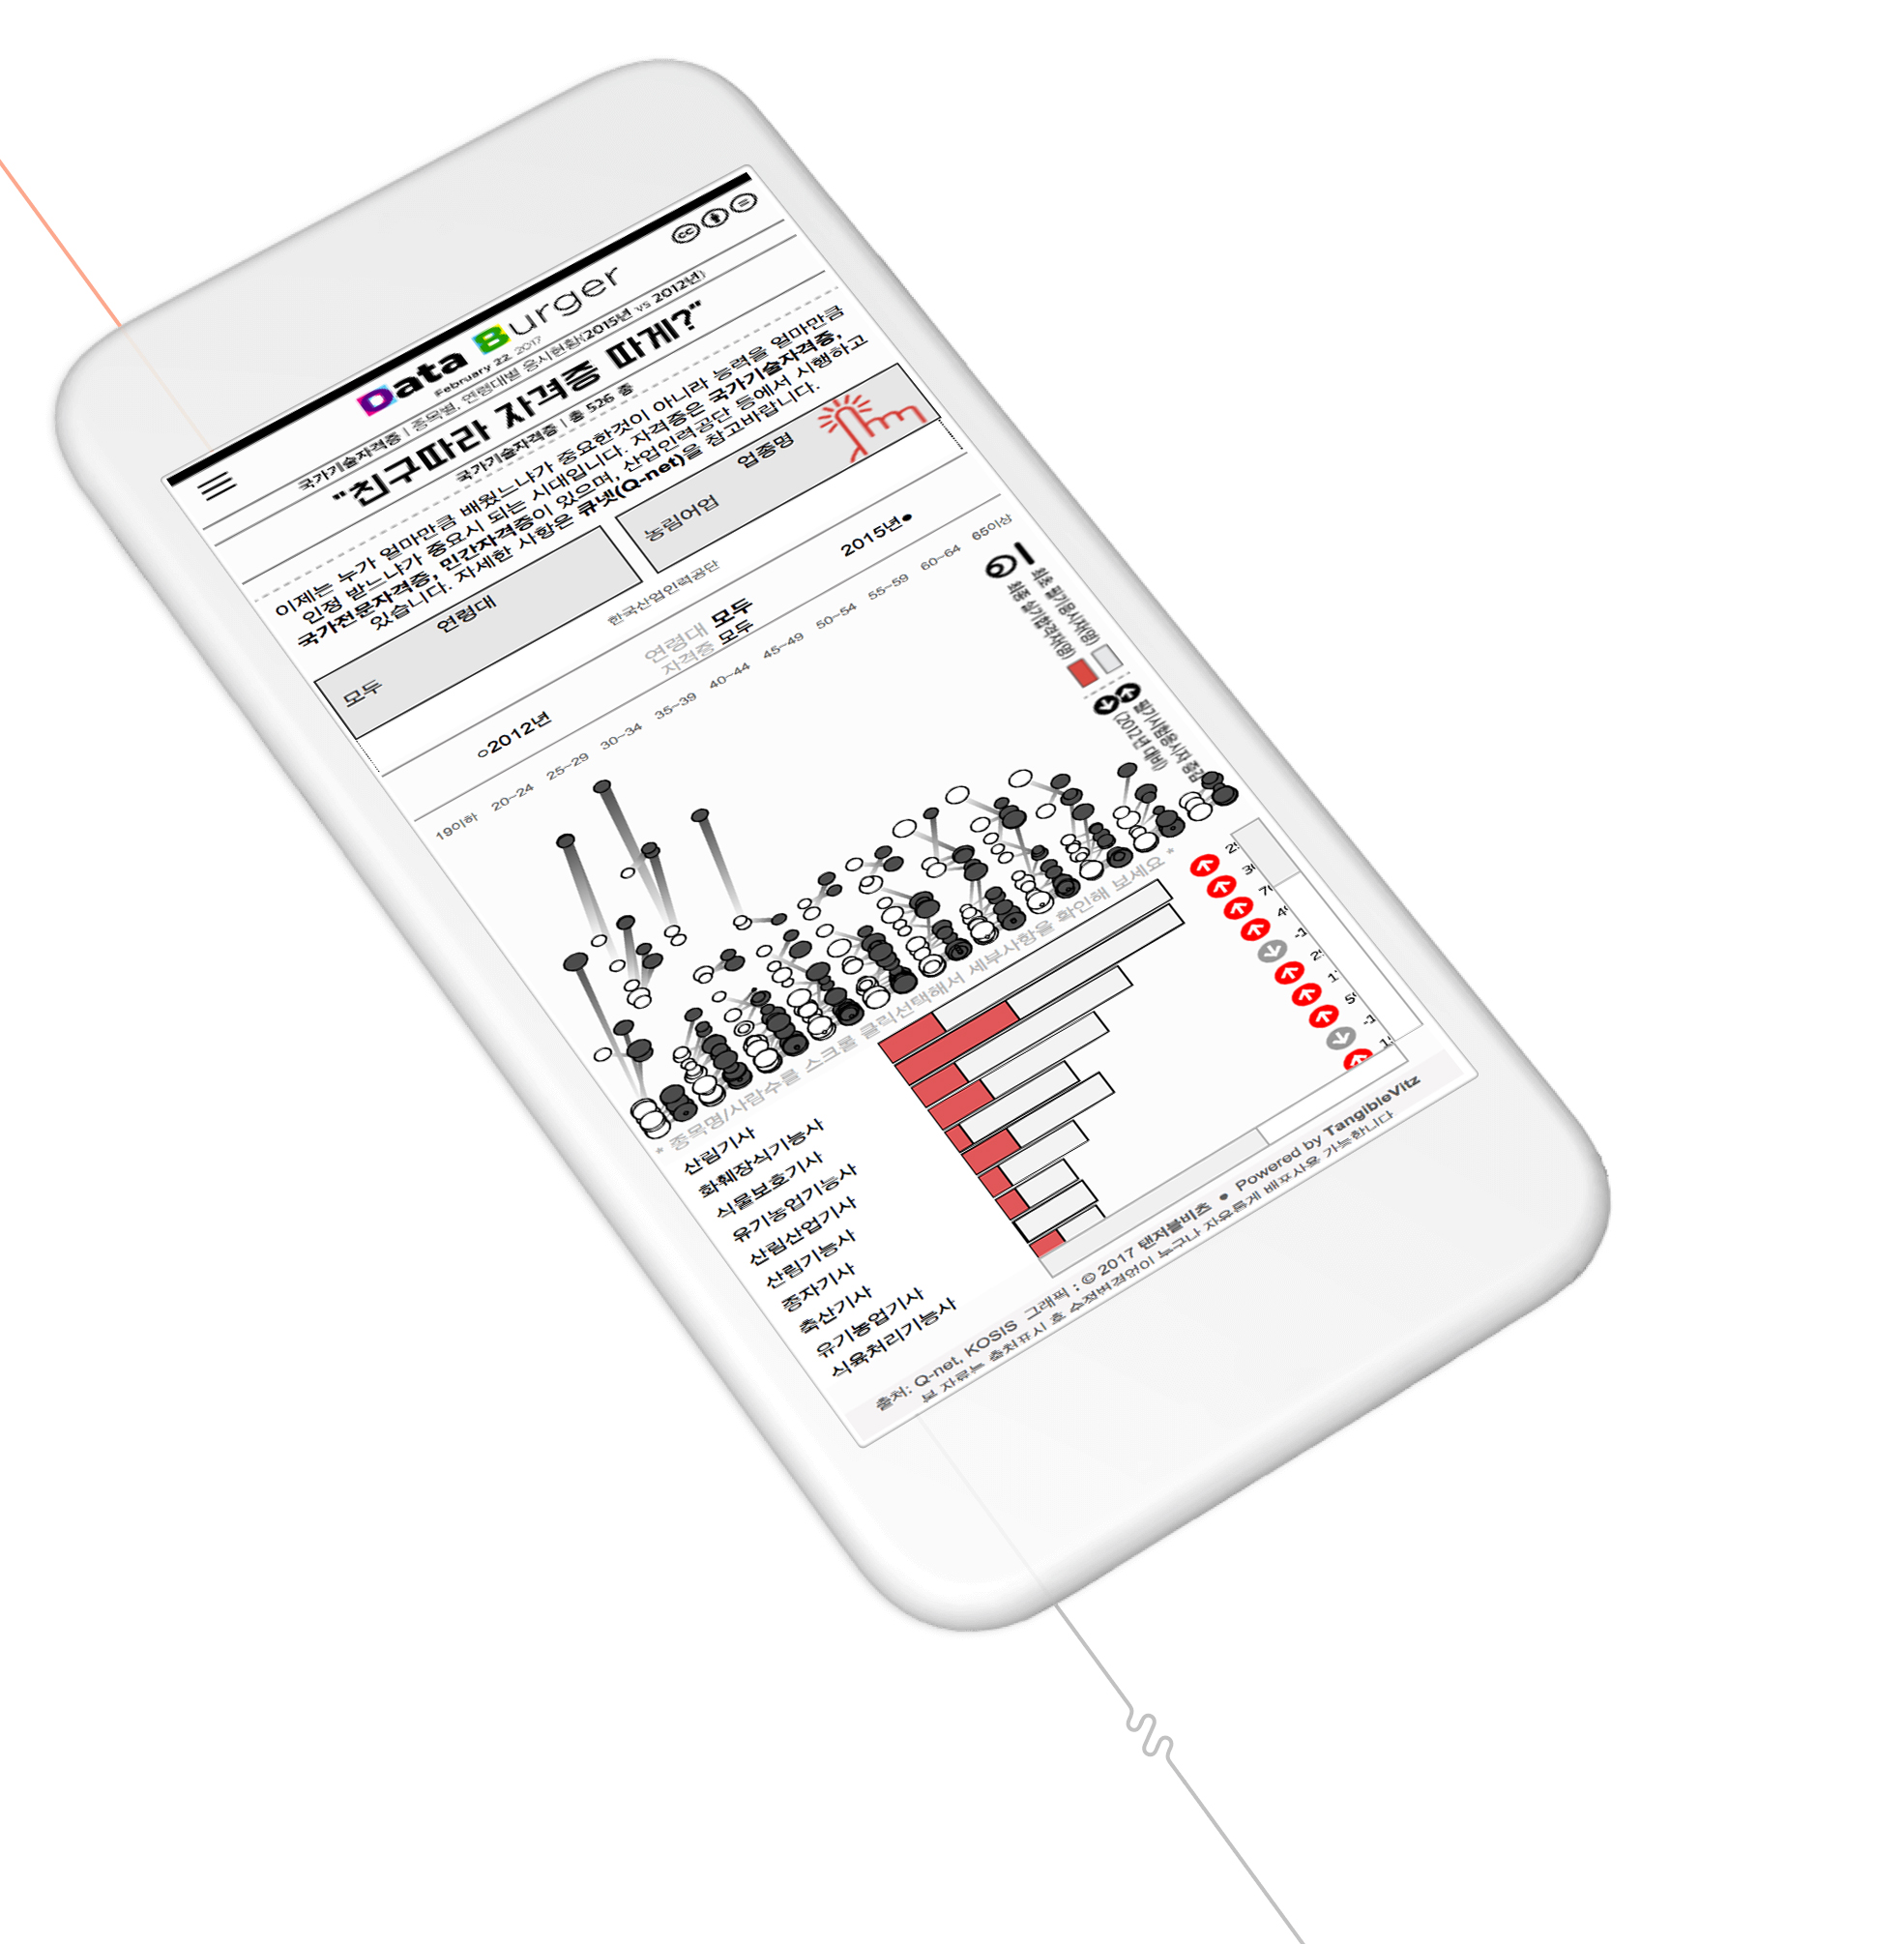 국가기술자격증 현황 데이터시각화 by 탠저블비츠